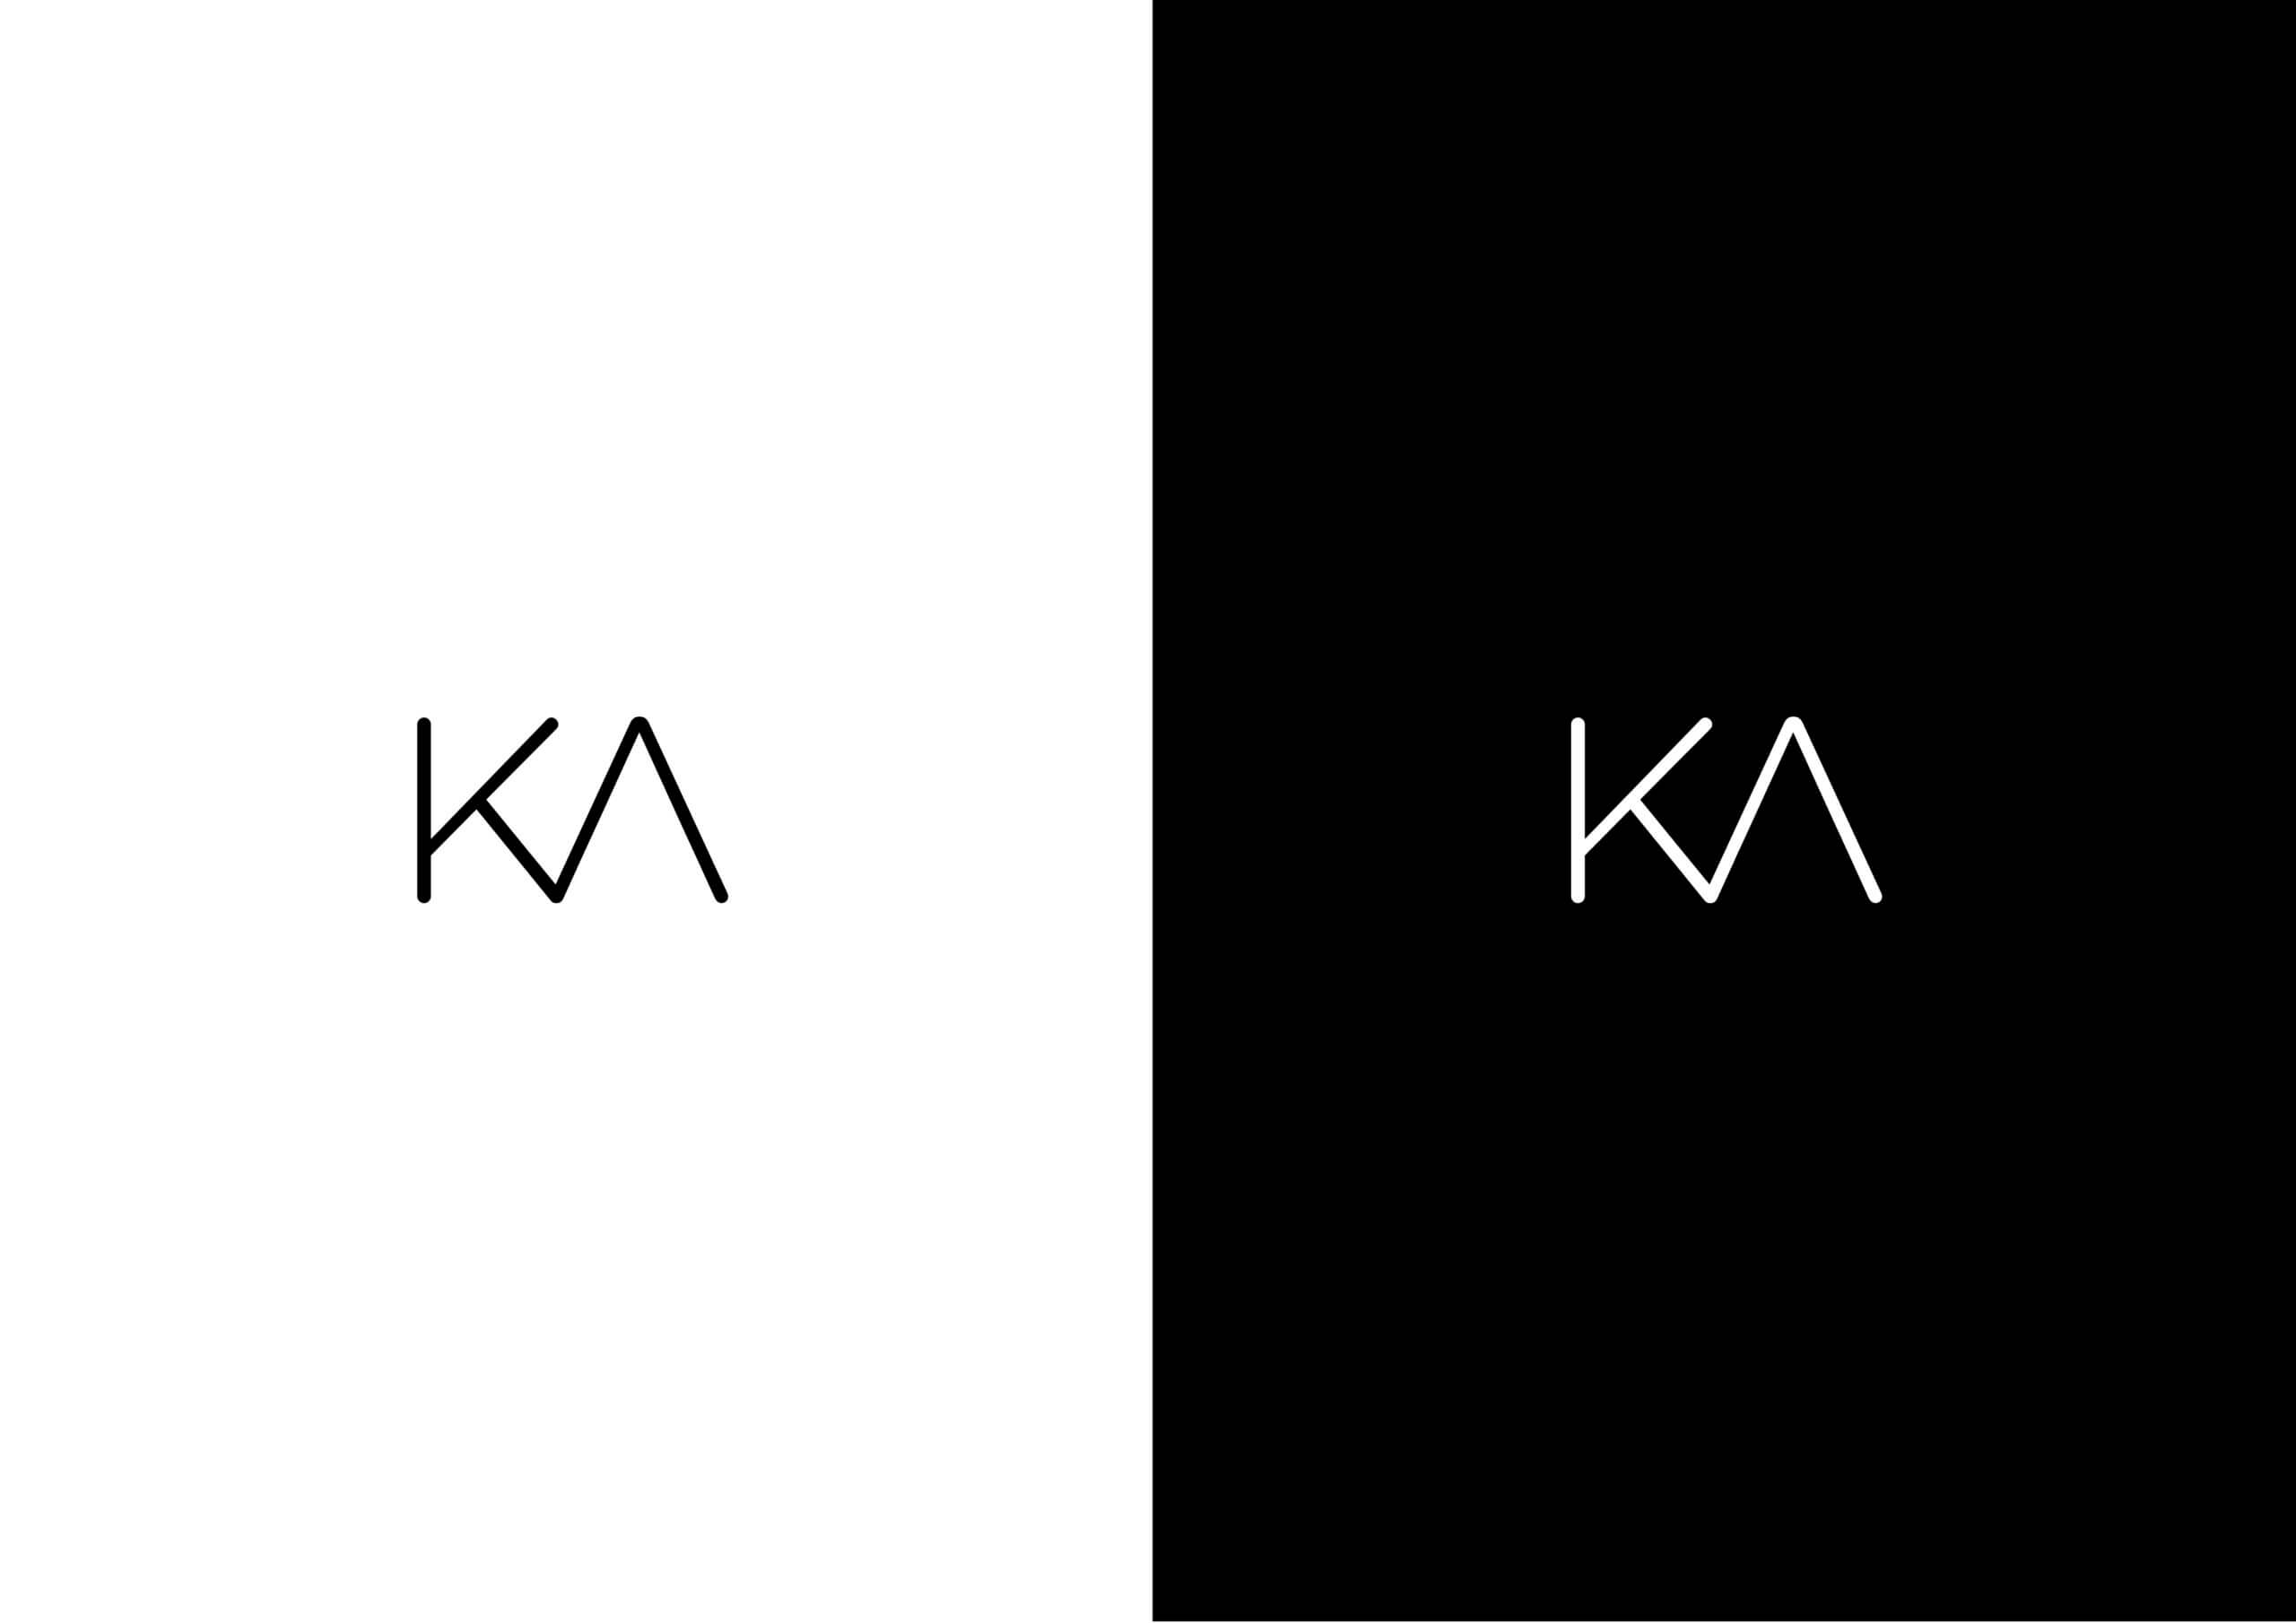 kaoni-galeria-terapies-02